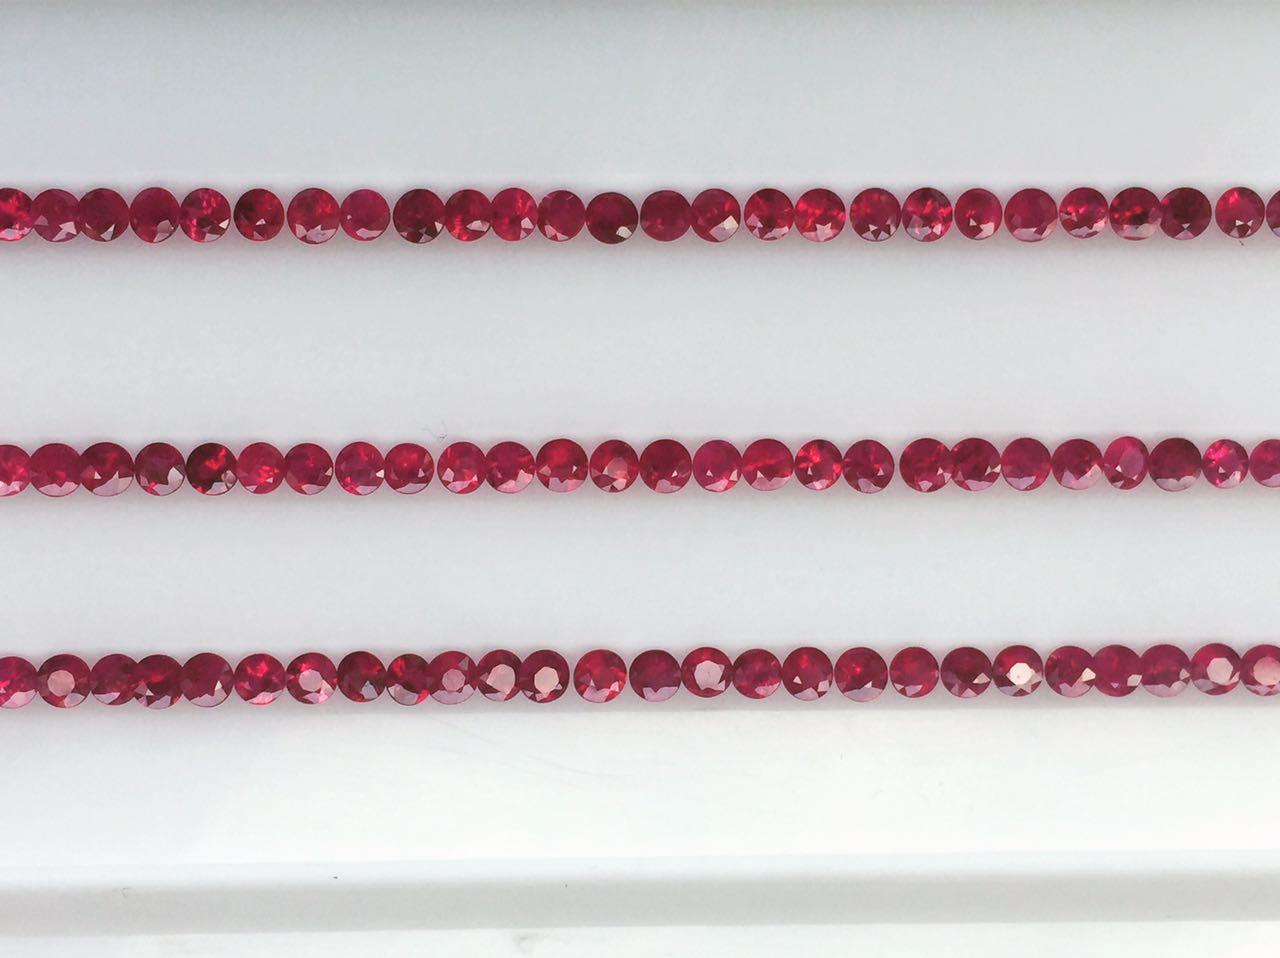 Wholesale Rubies